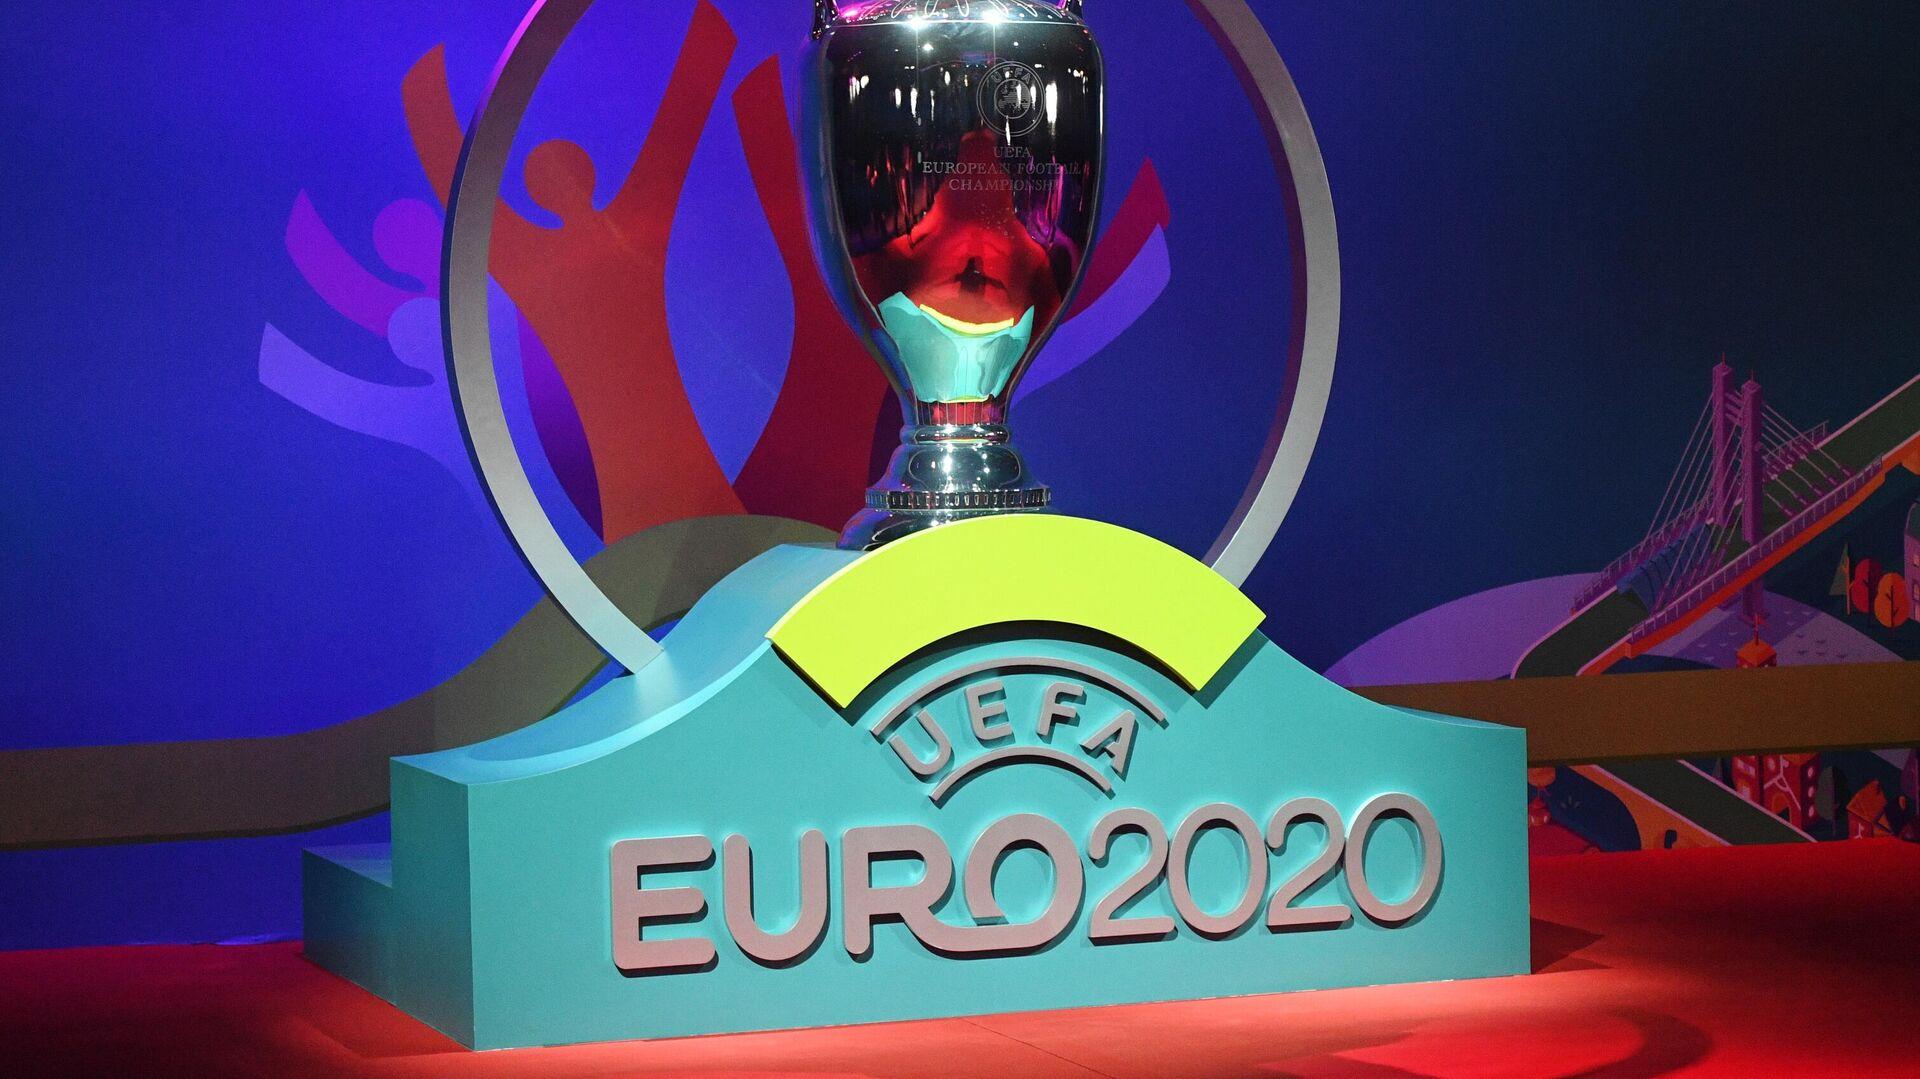 Кубок чемпионата Европы по футболу 2020 года - РИА Новости, 1920, 11.02.2021